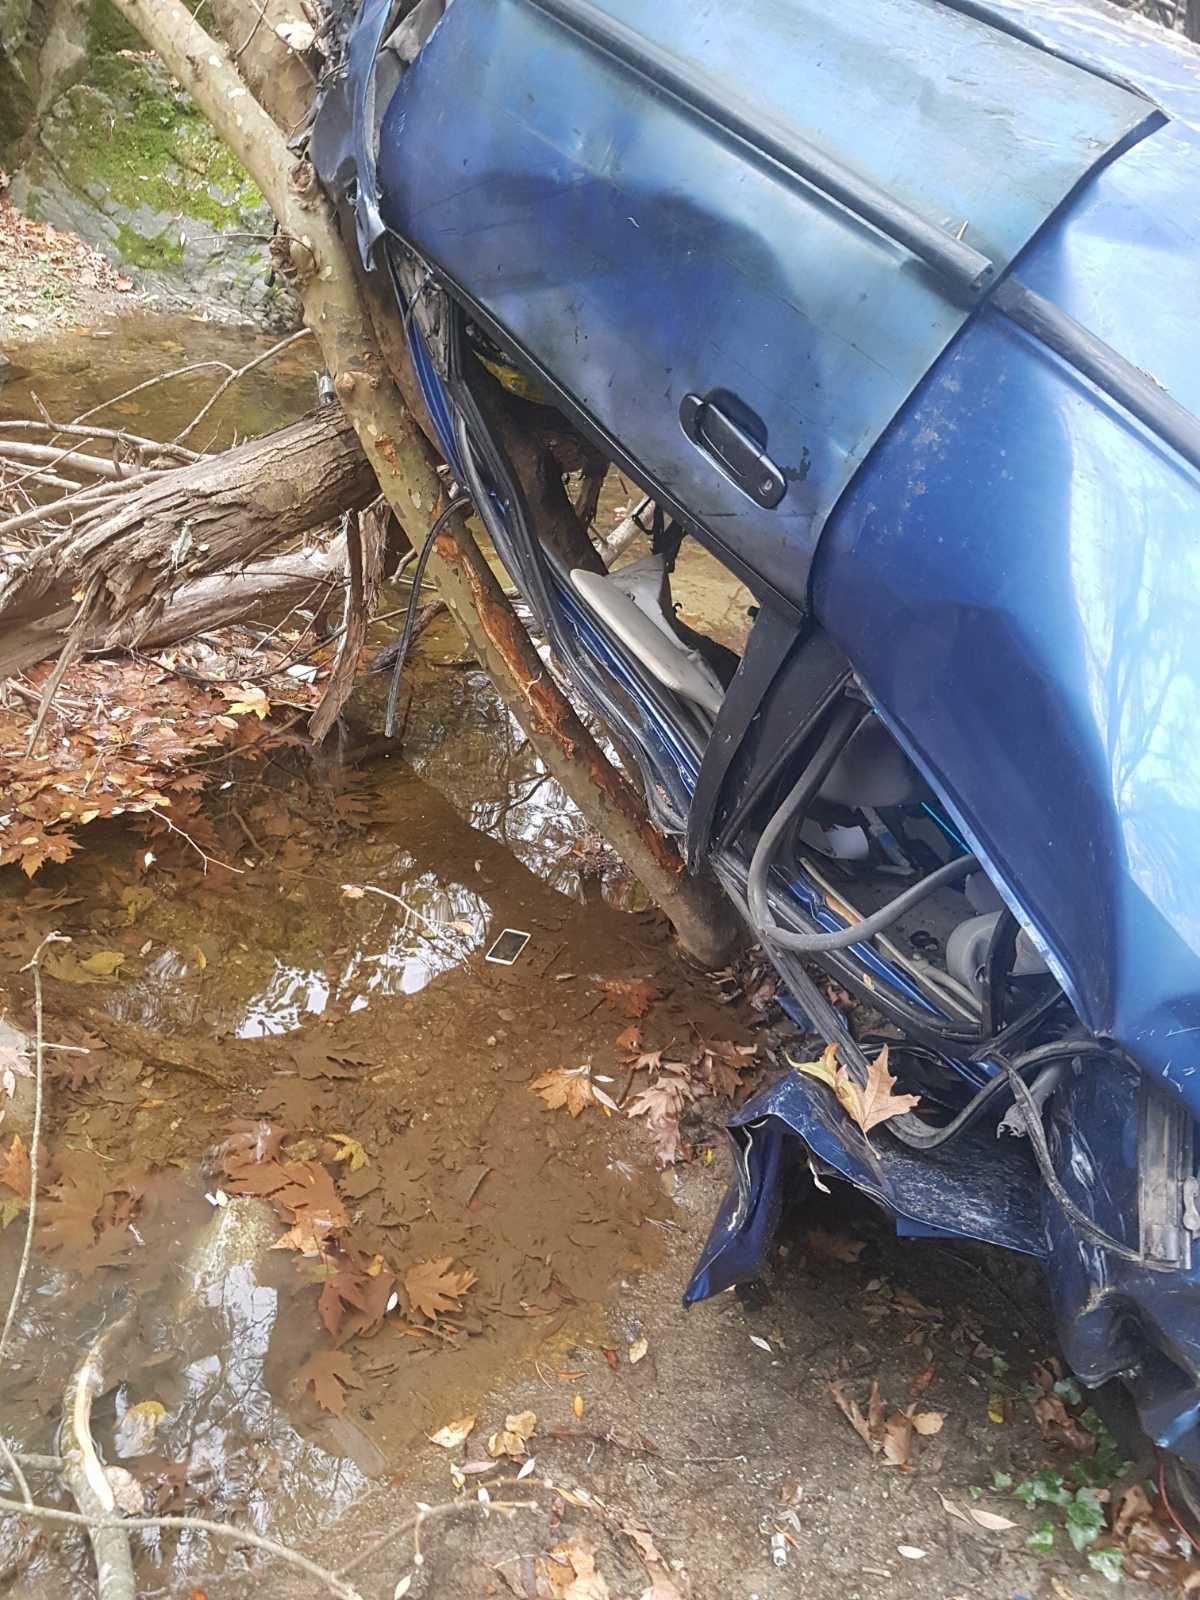 Τραγωδία στην Κατερίνη: Σοκάρουν οι εικόνες από το αυτοκίνητο που βρέθηκε σε χαράδρα βάθους 120 μέτρων